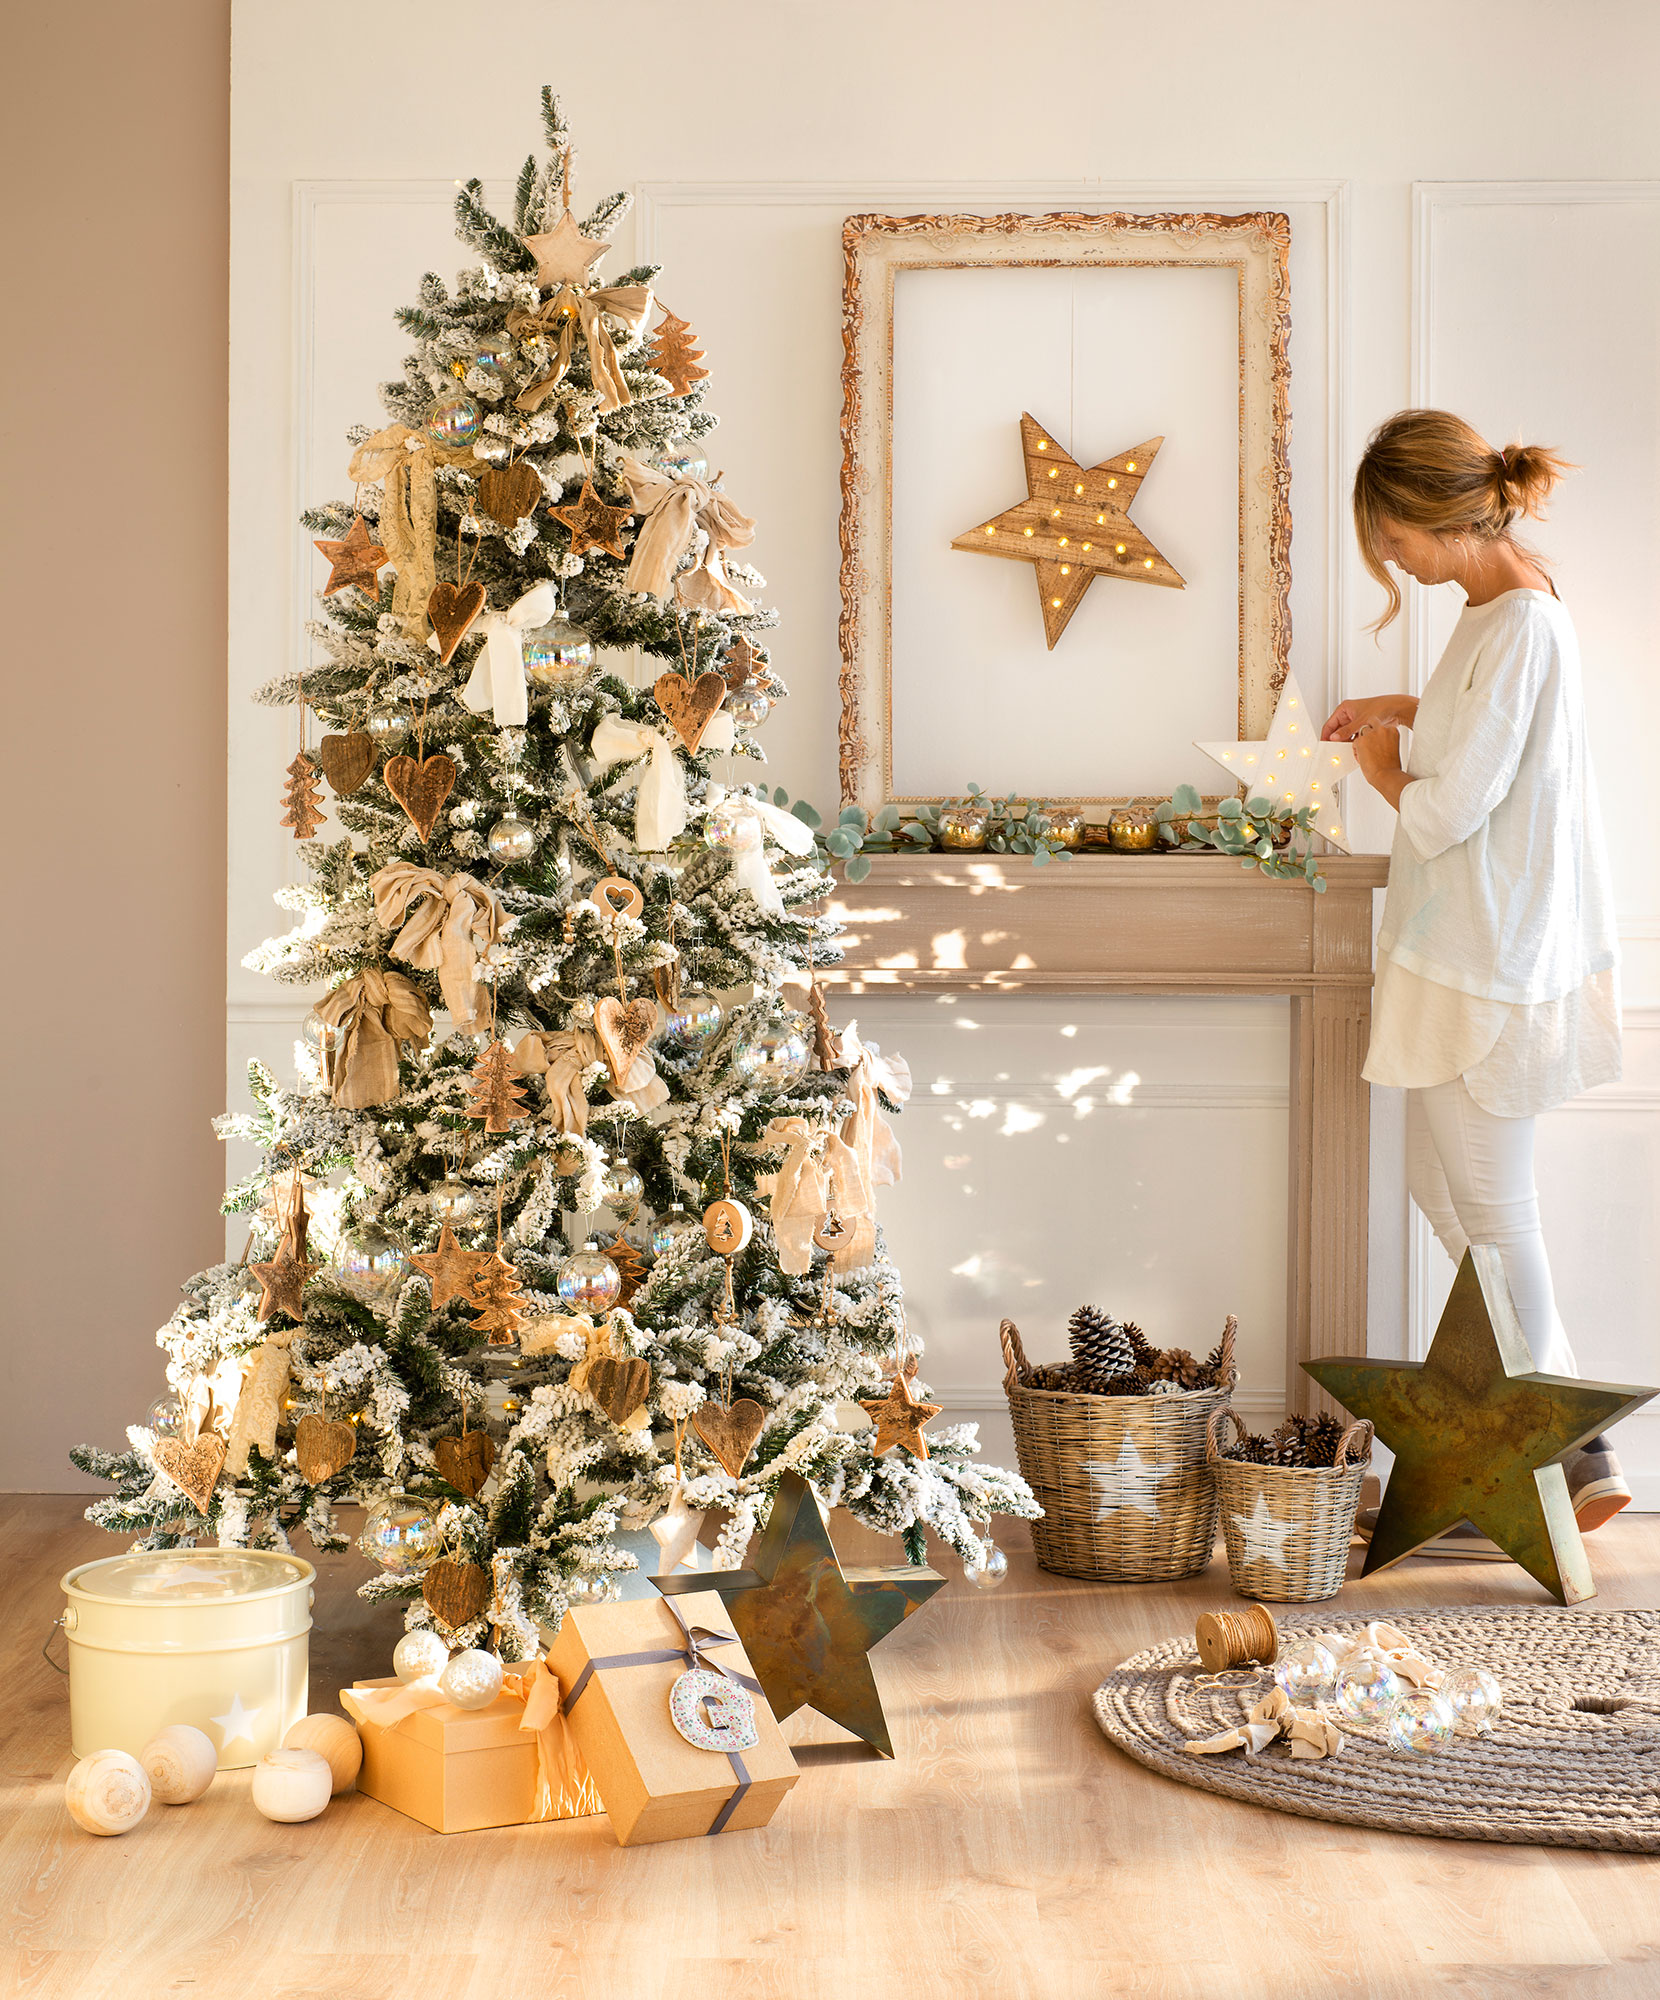 rbol de navidad en dorado blanco y cristal - Arbol De Navidad